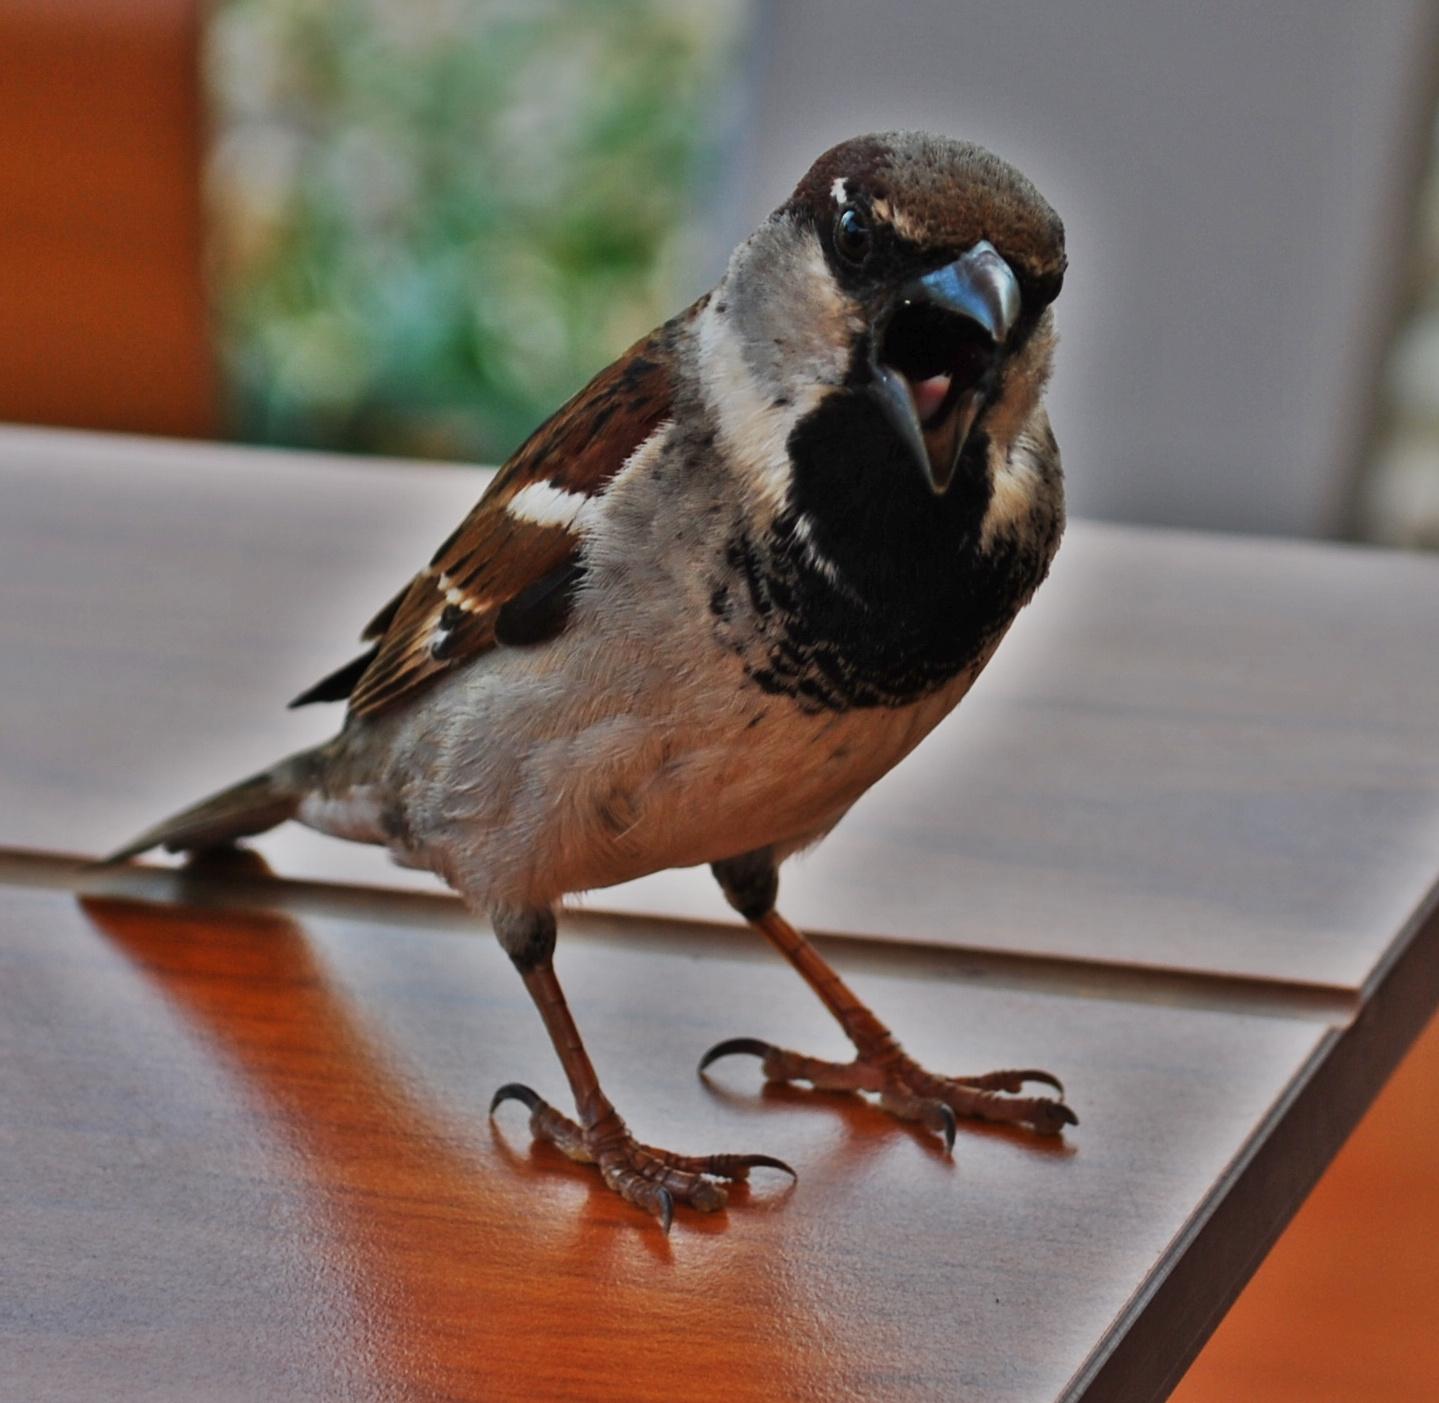 Kicsi vagyok, asztalra állok, és onnan egy nagyot kiáltok...